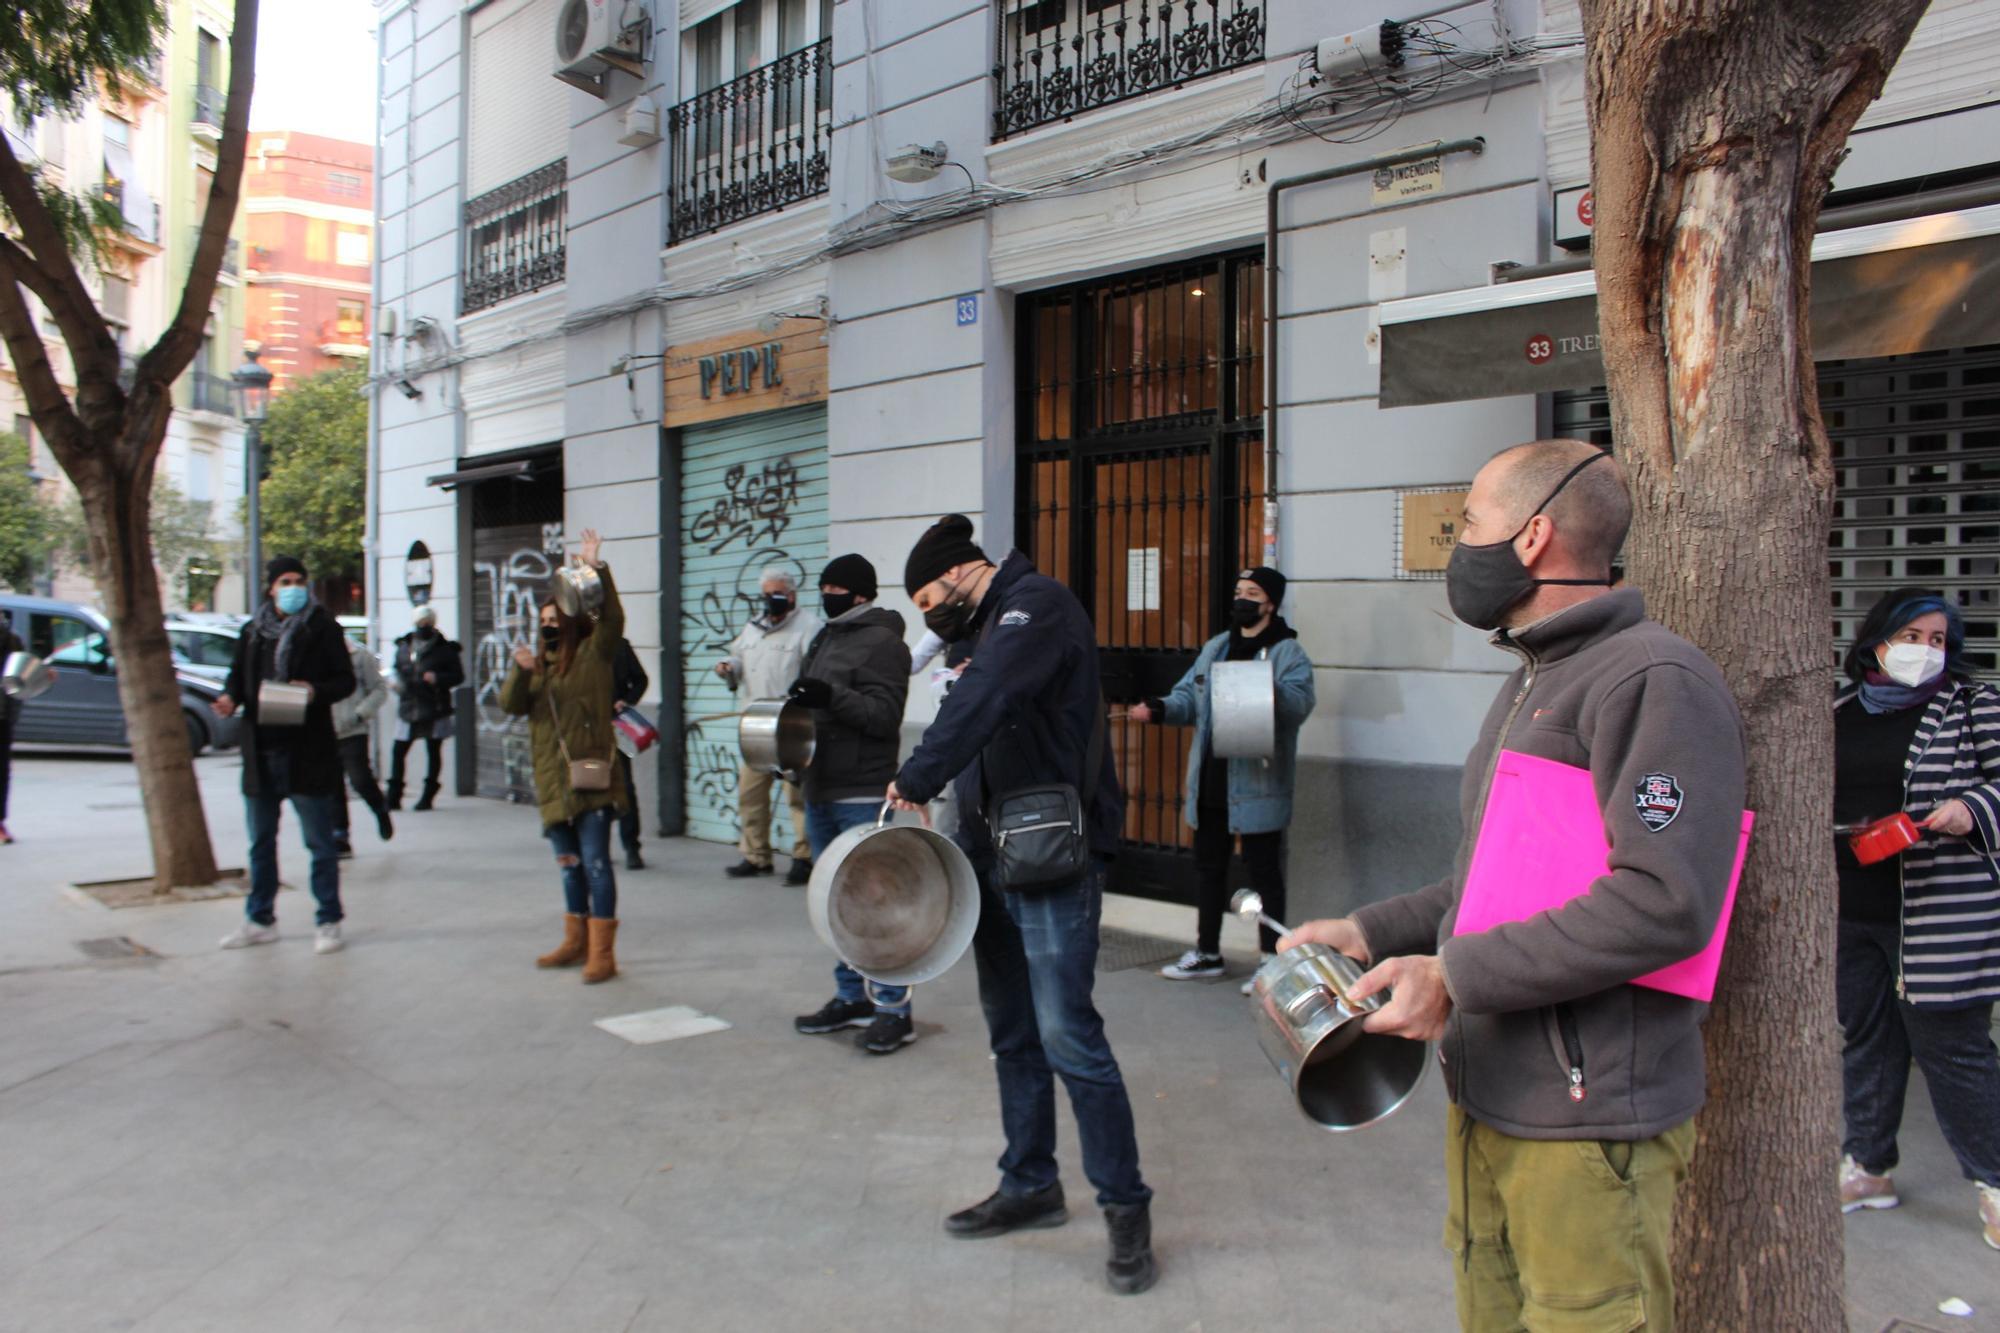 Cacerolada de la hostelería en contra del cierre a las 17 horas